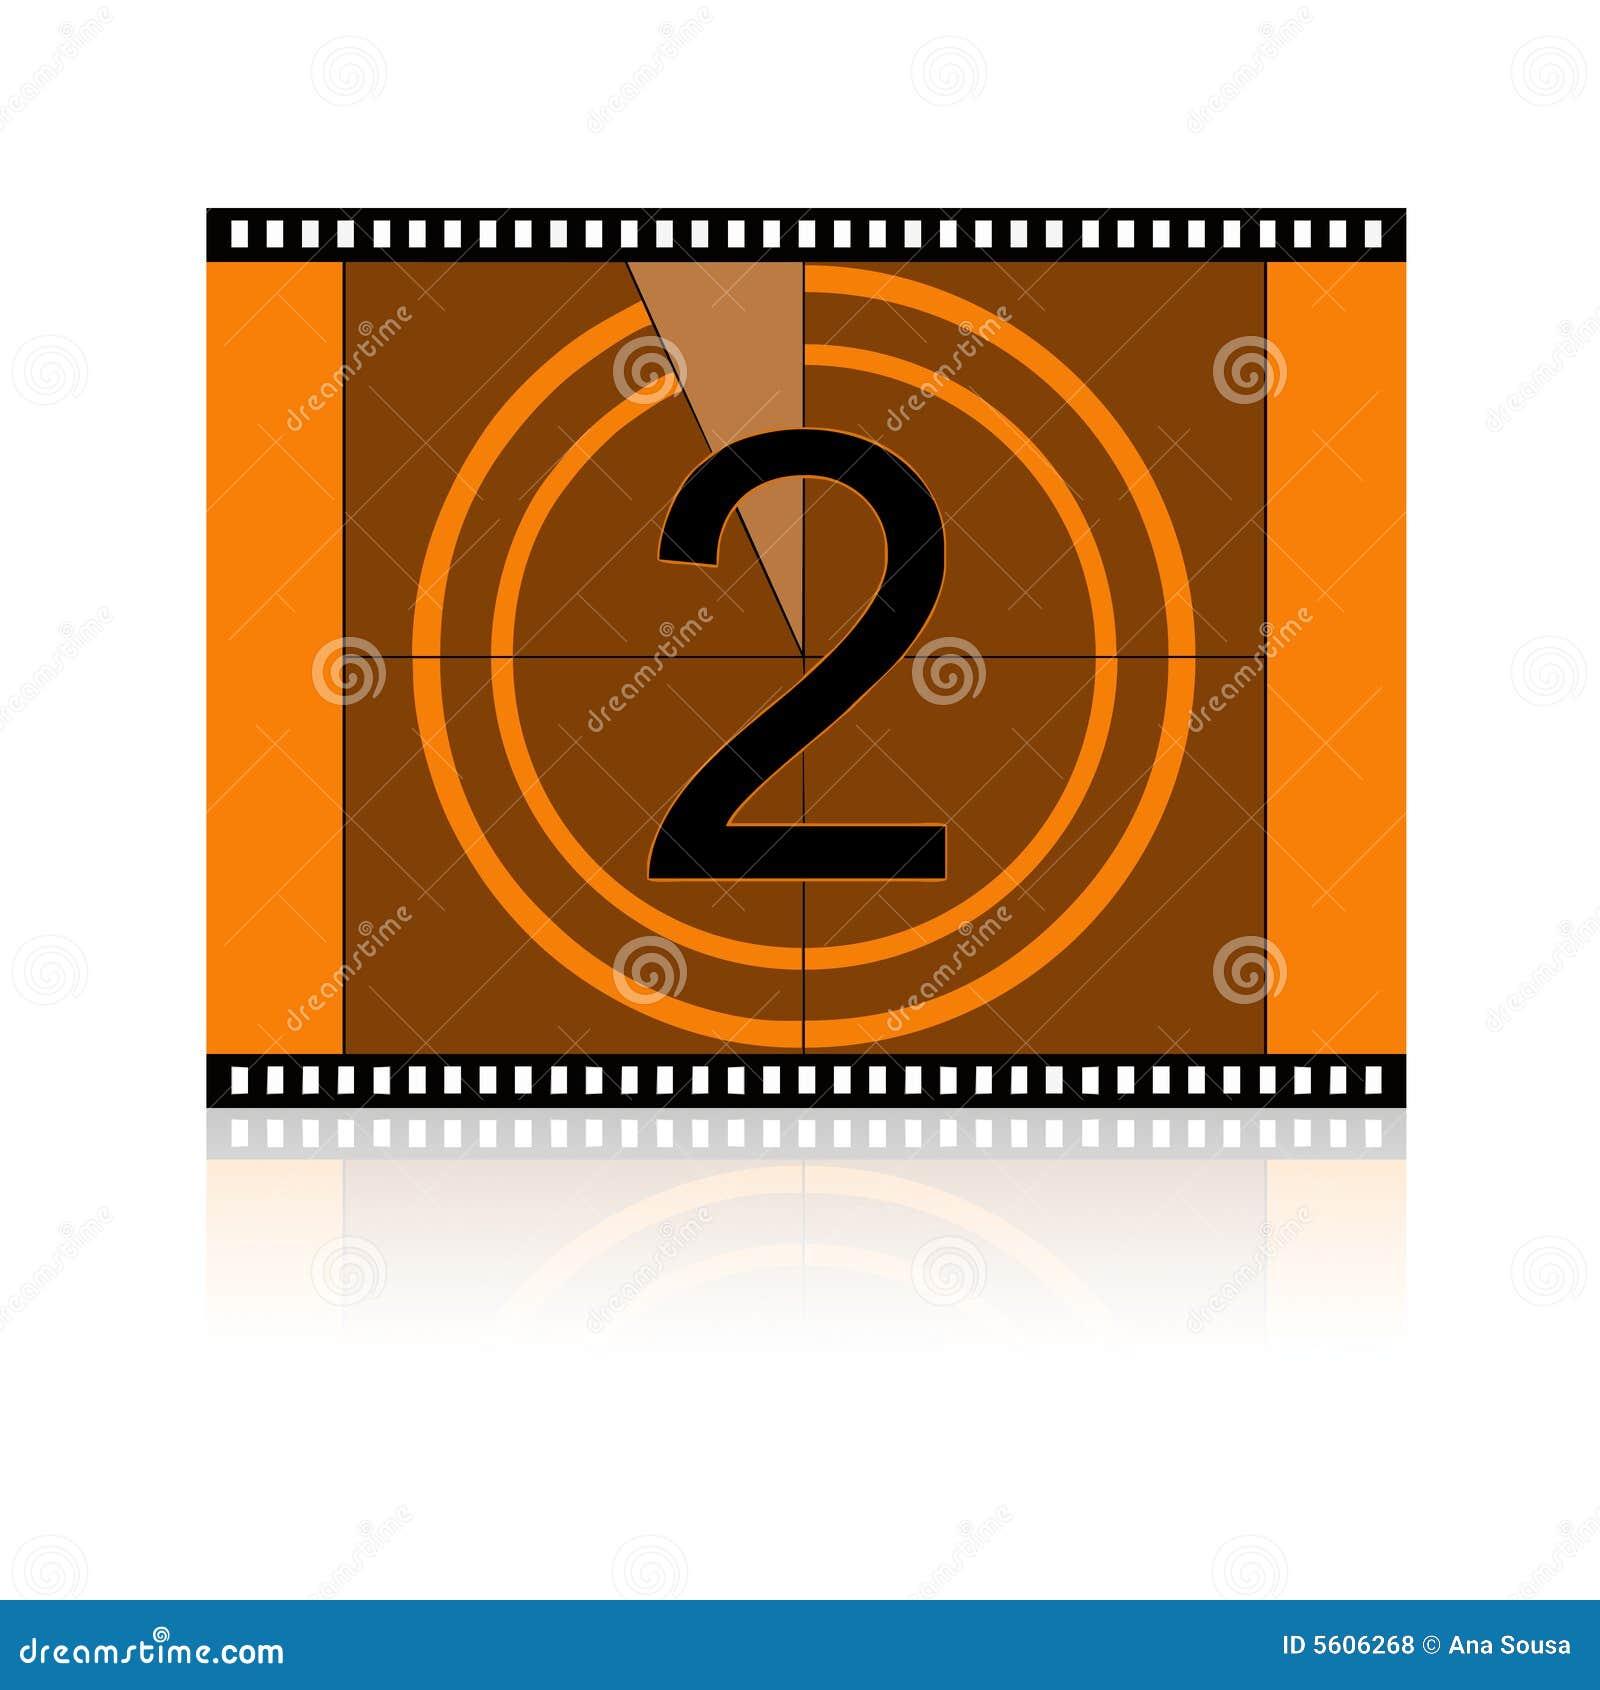 2 ταινία αριθ. δύο